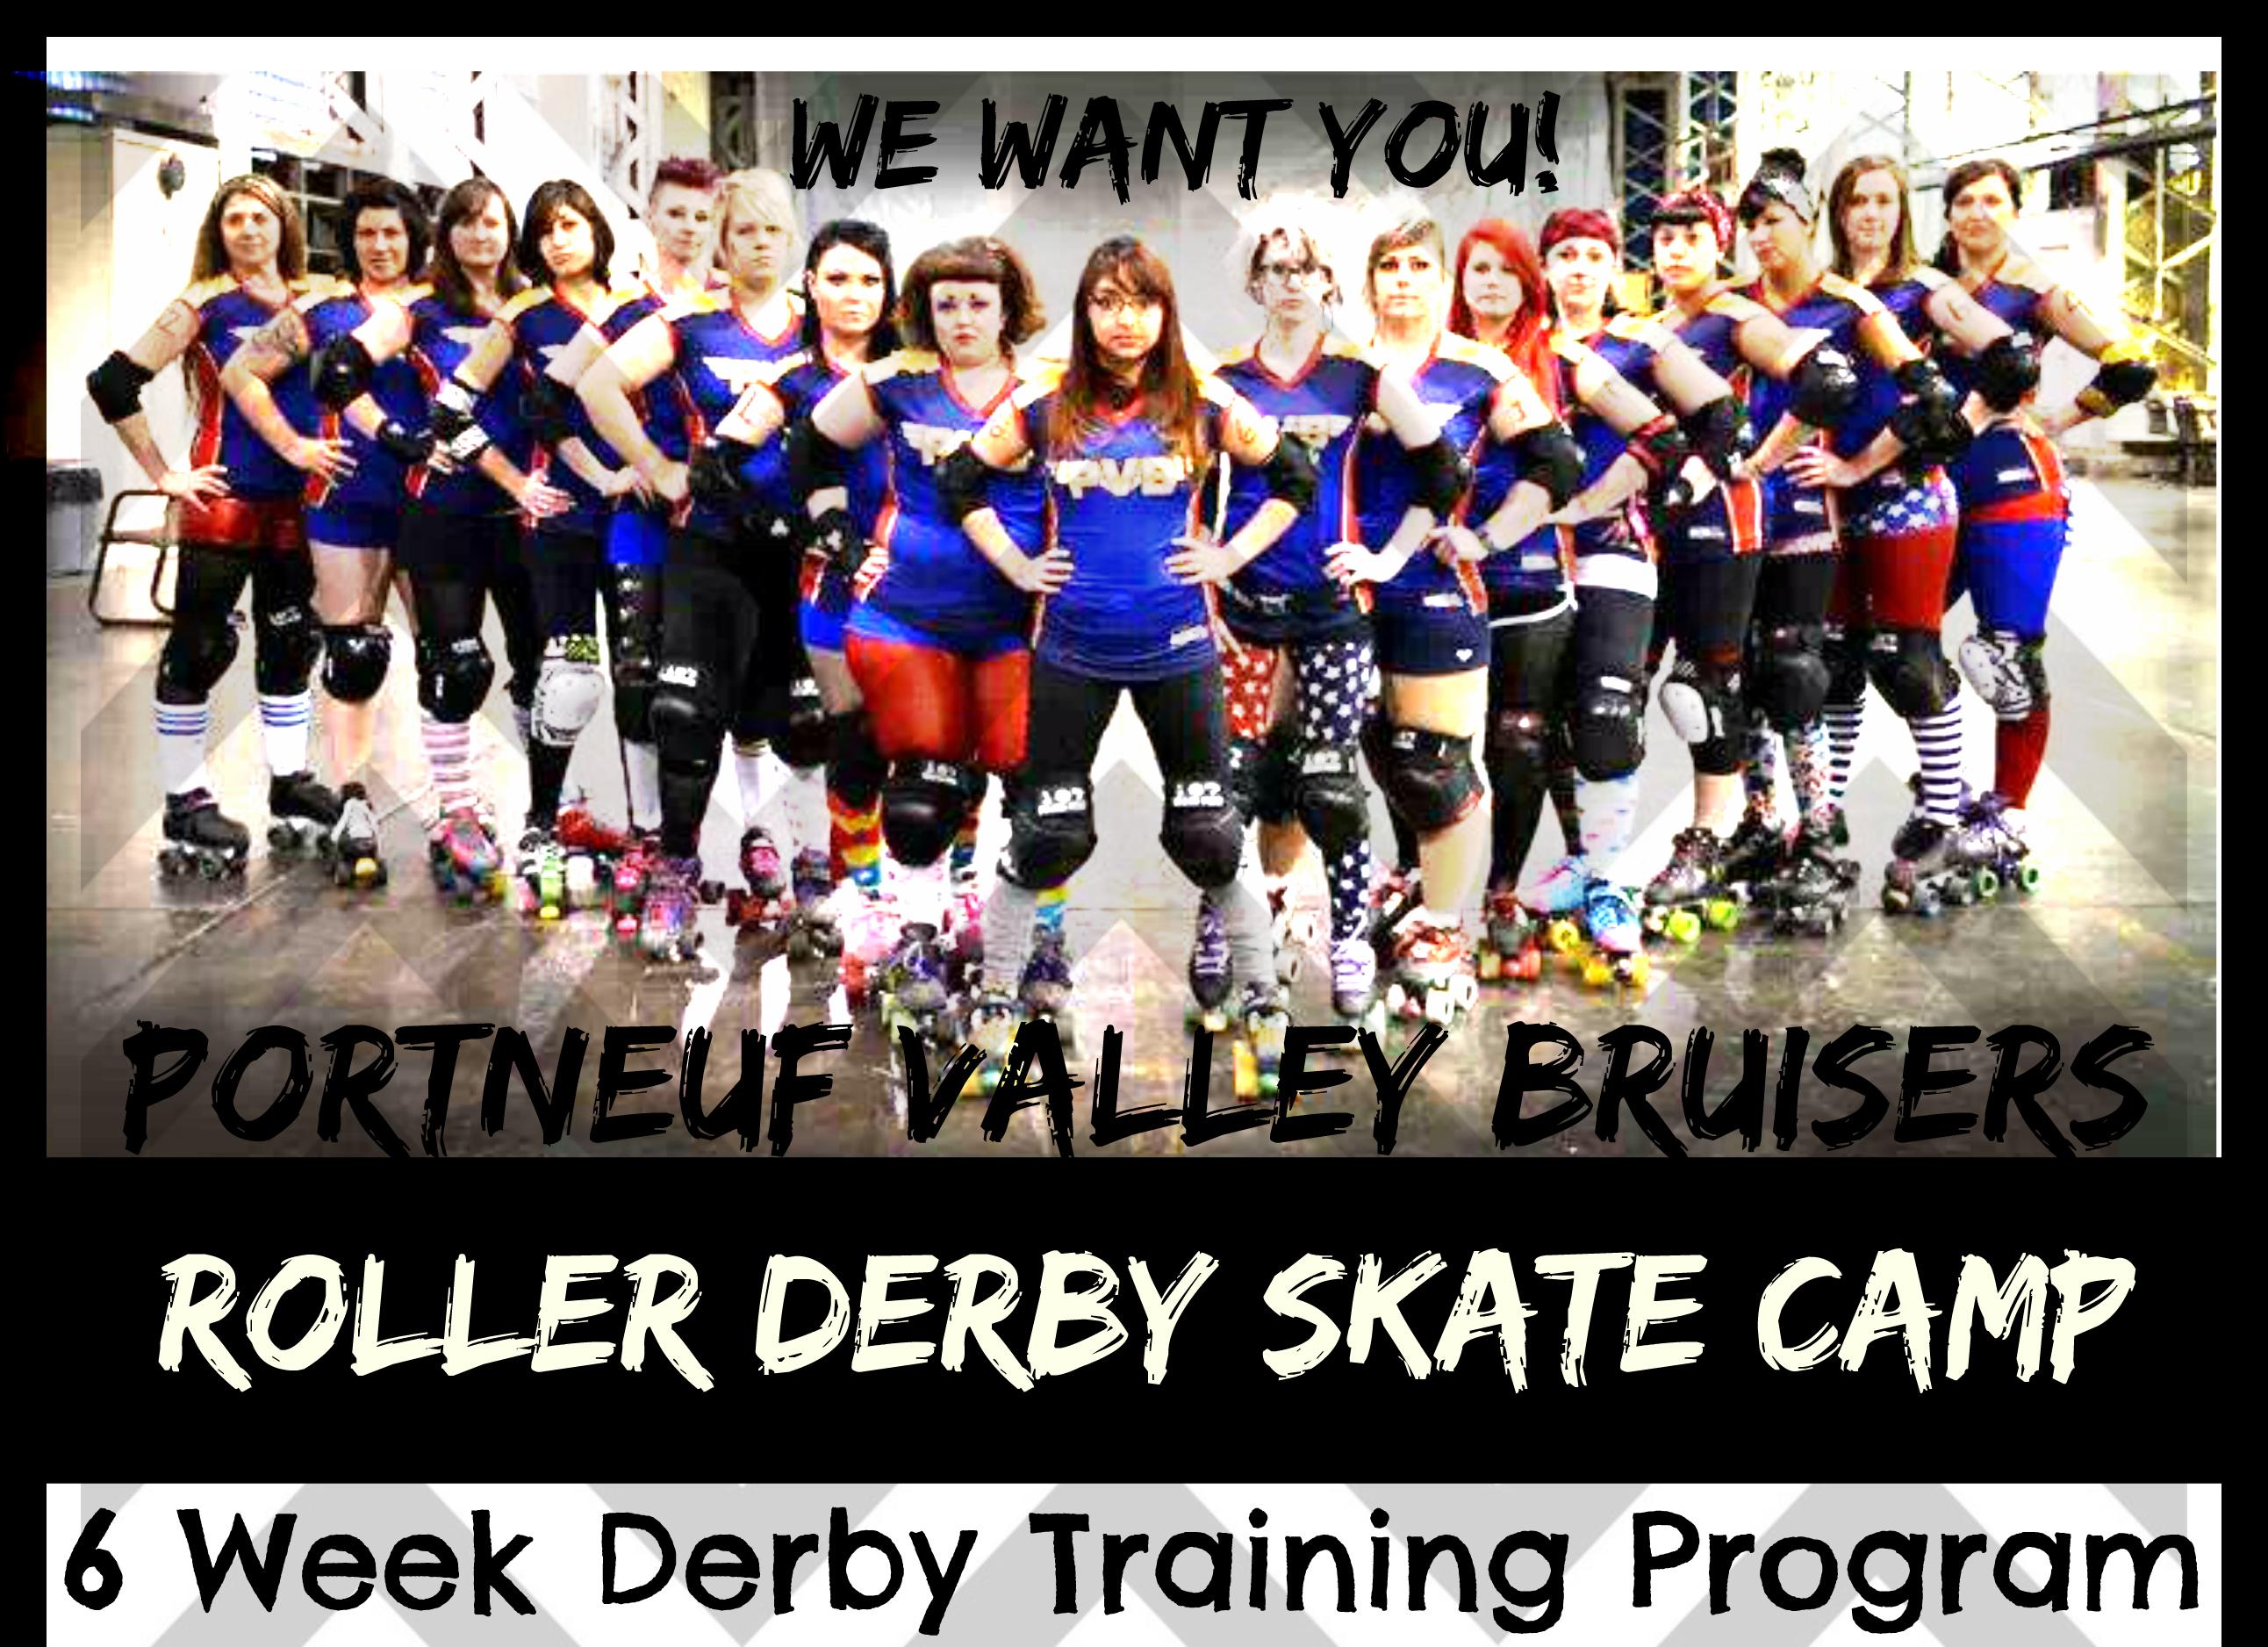 roller derby skate camp half page